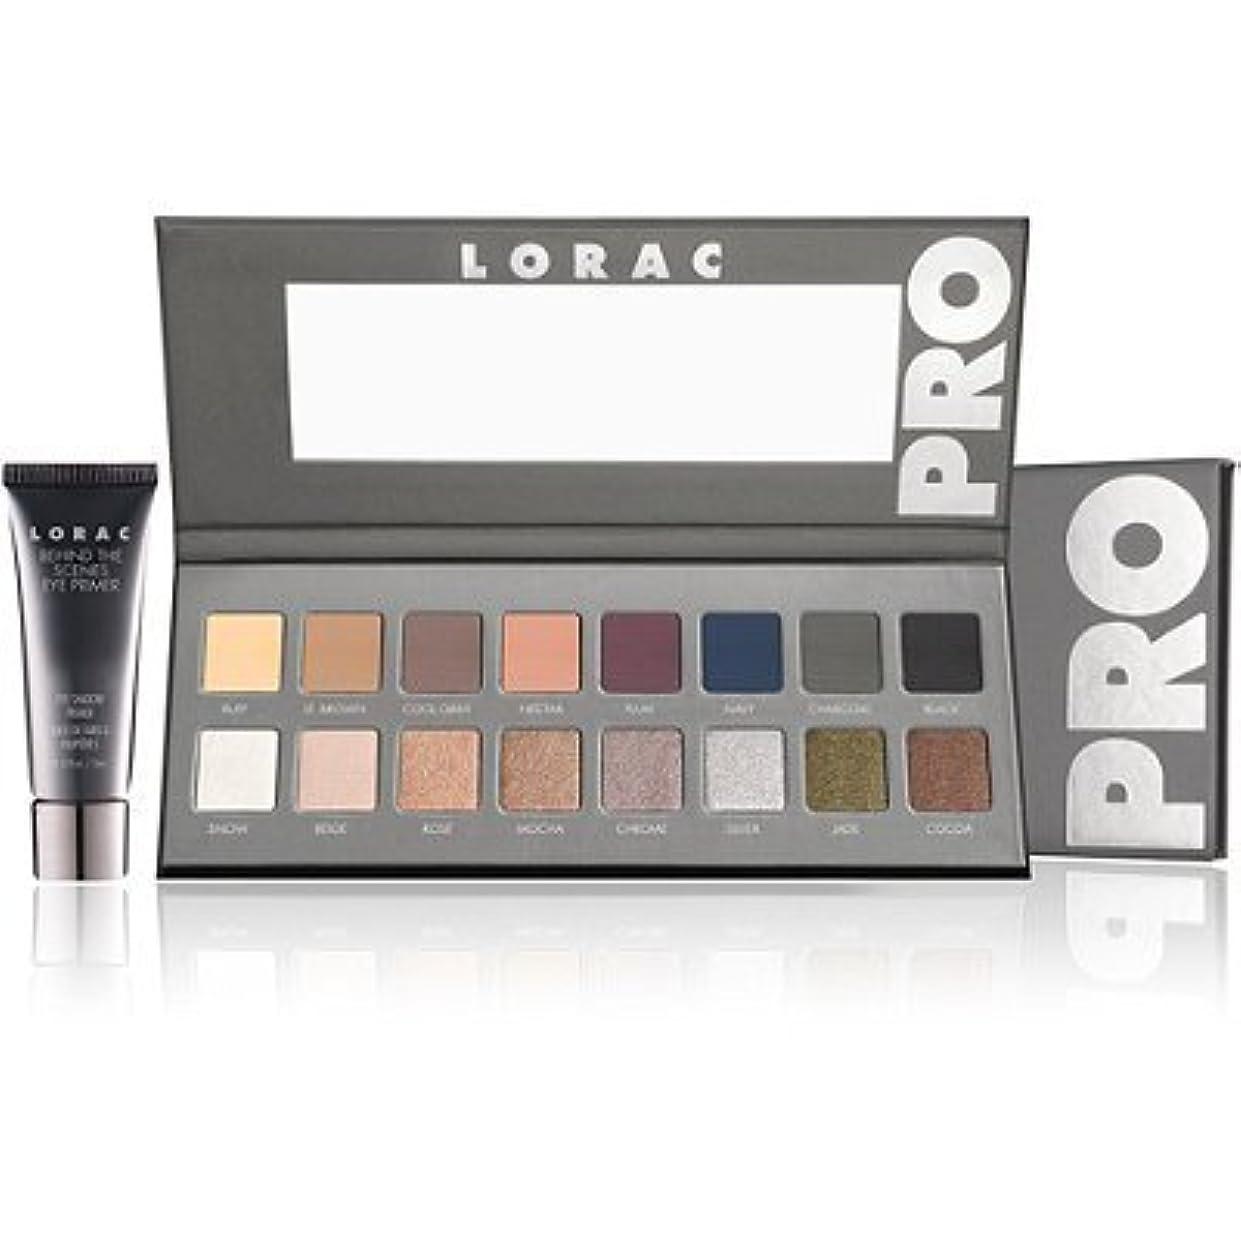 バッグ詐欺慈善LORAC  'PRO' Palette 2 / LORACプロのアイメイク シャドウパレット 16色